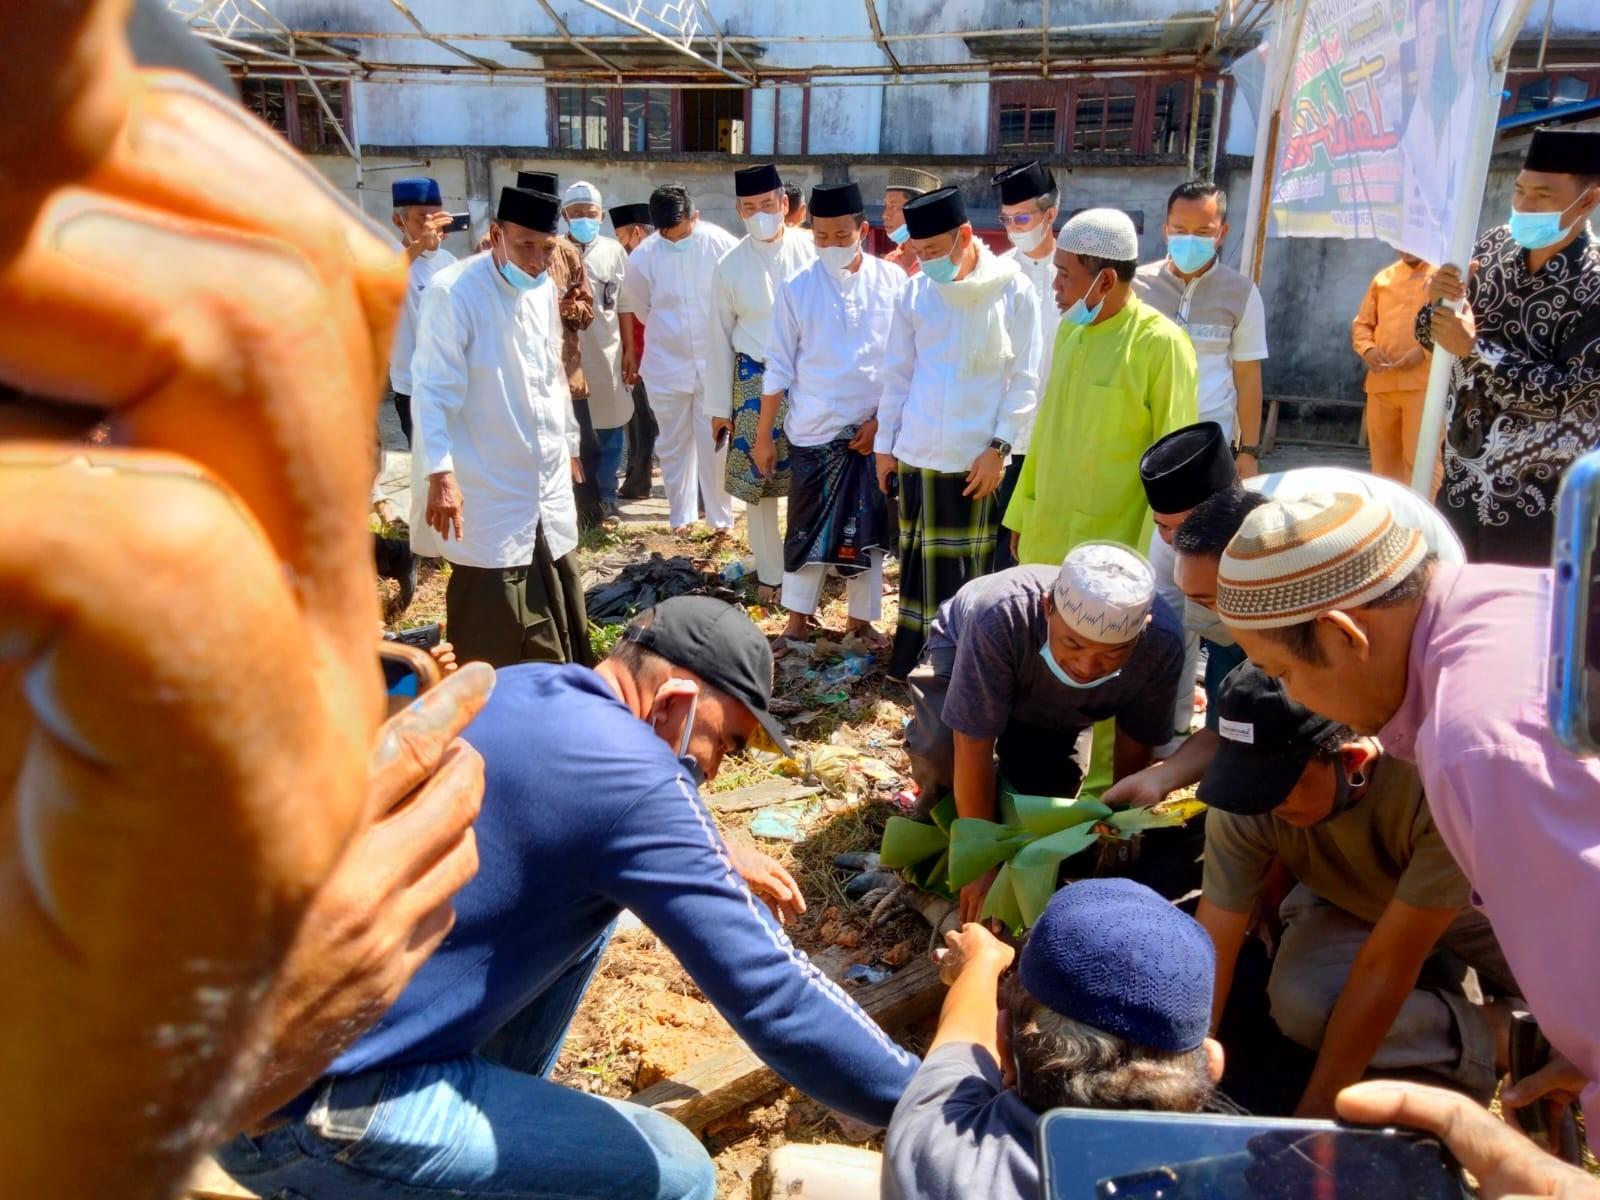 Bupati & Wabup Rohil  Berikan Hewan Kurban Untuk Insan Pers, Wartawan : Terima Kasih Atas Perhatian Pemerintah